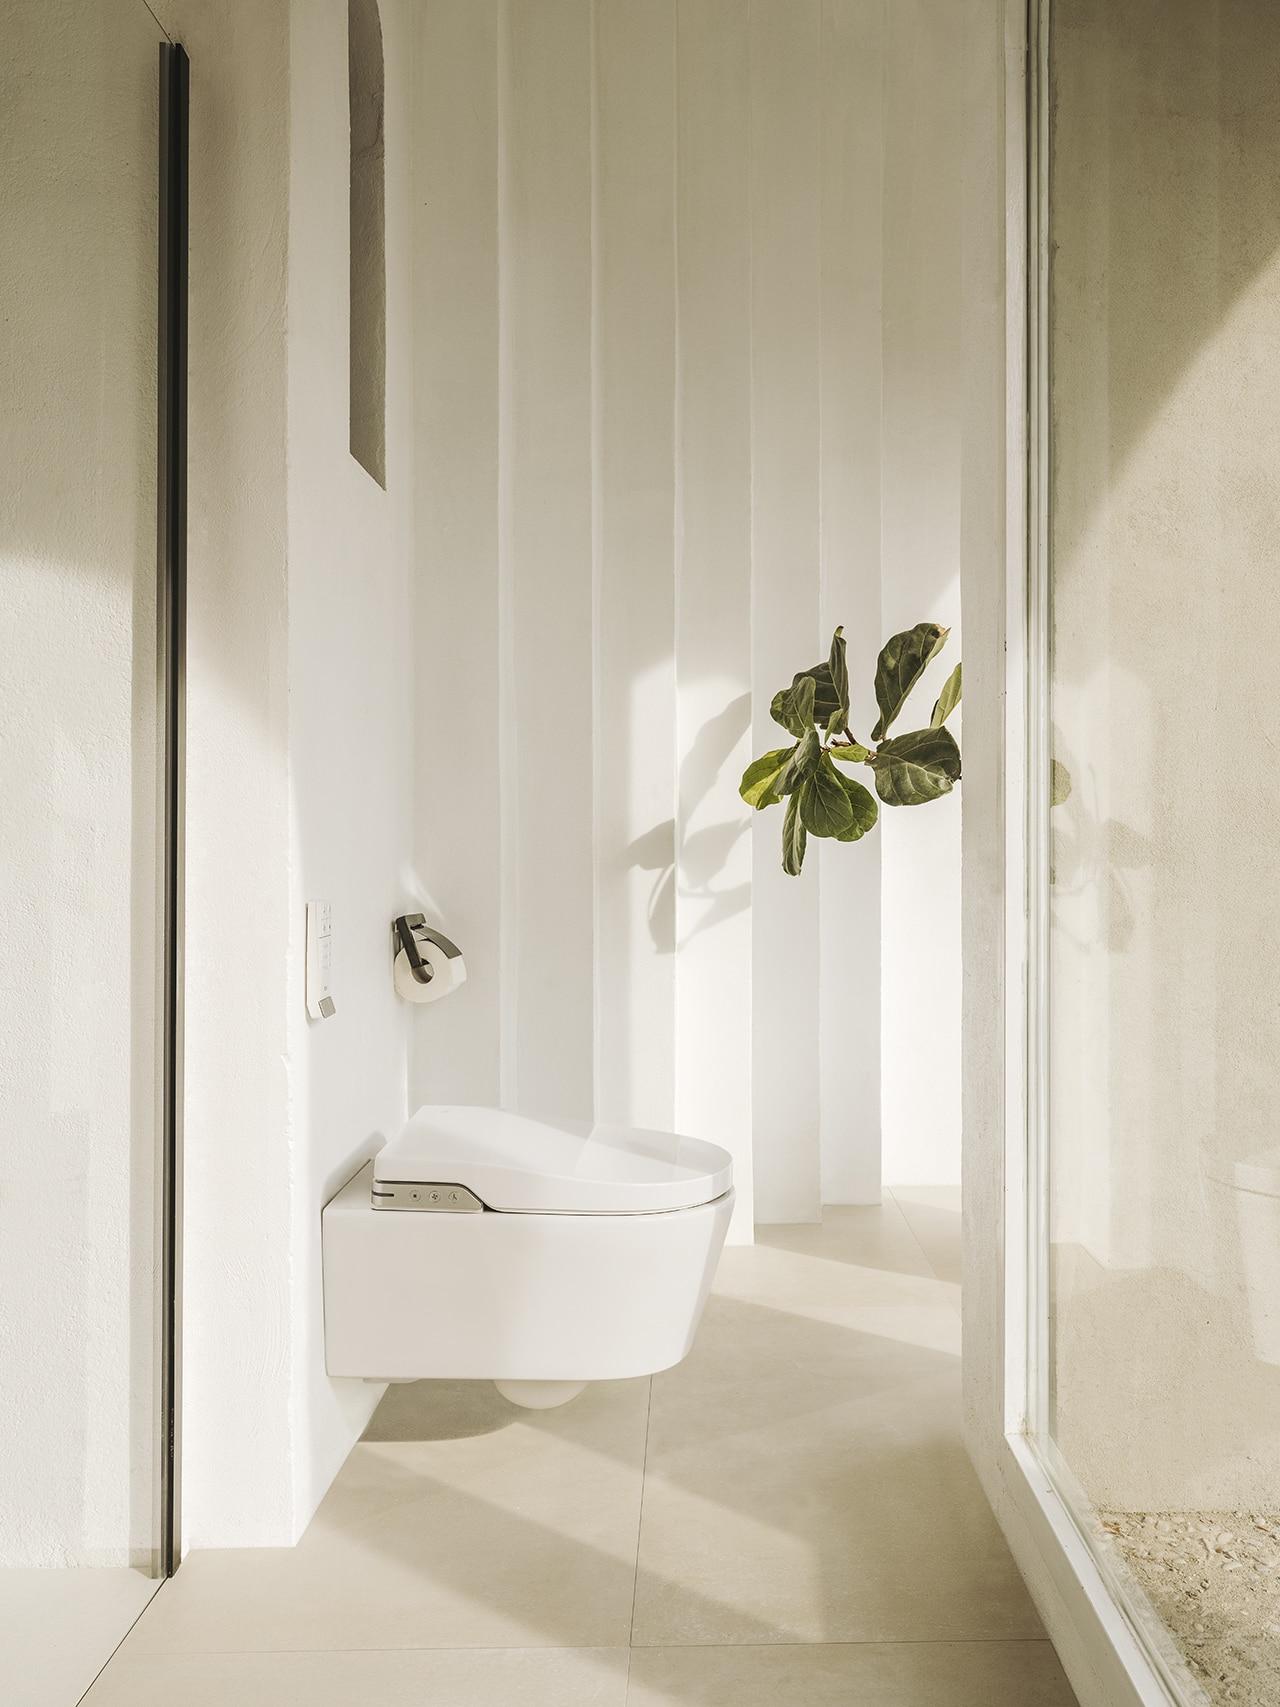 L Igiene Totale In Bagno Con Il Nuovo Smart Wc Di Roca Domus